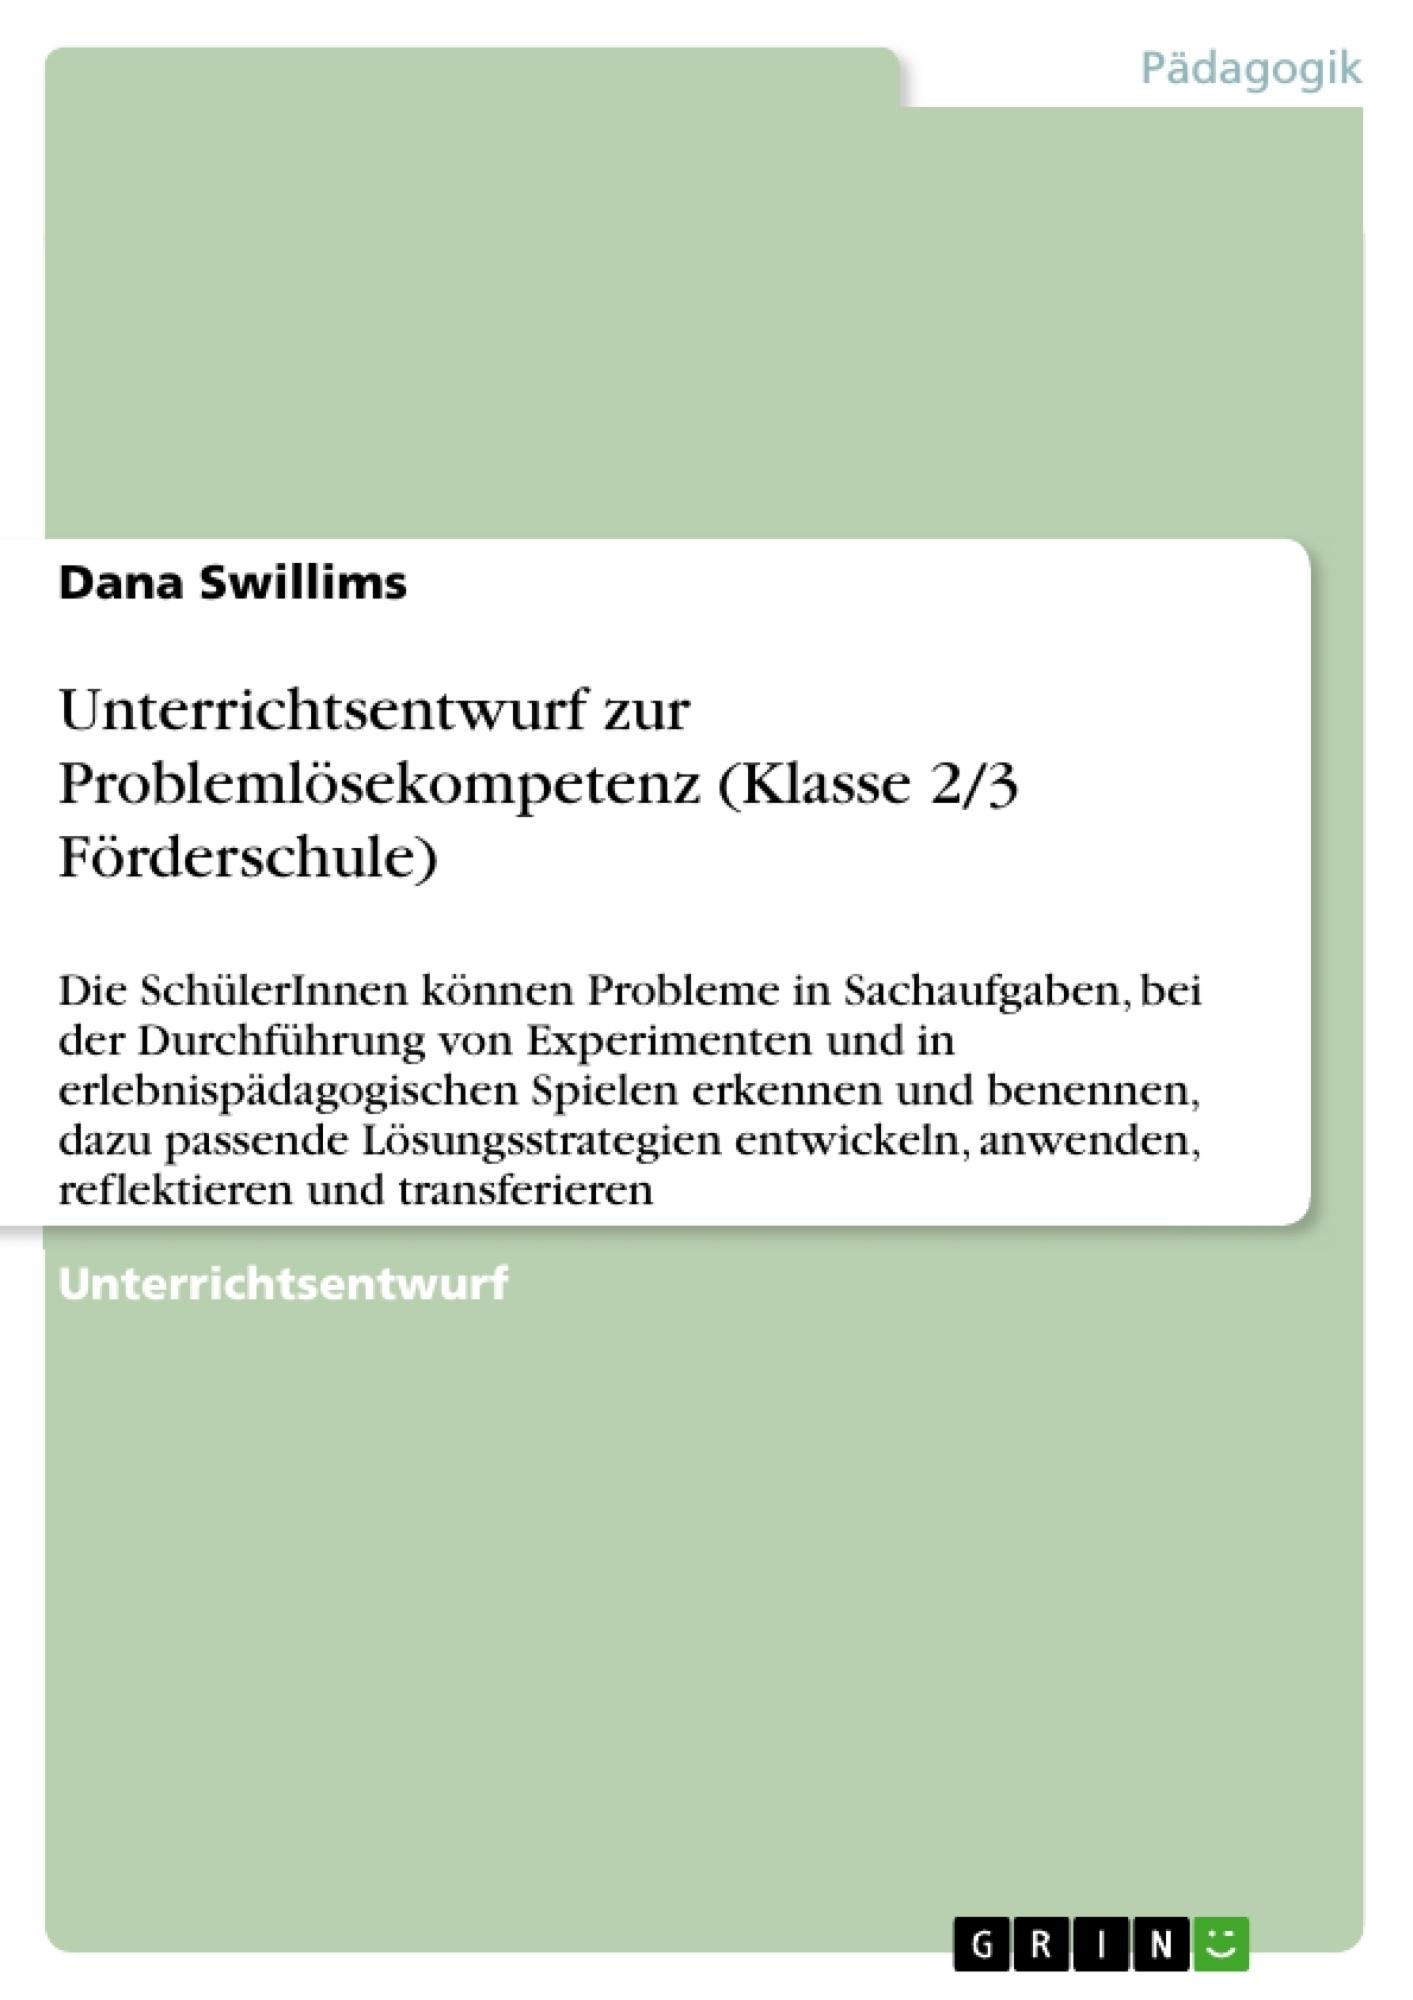 Titel: Unterrichtsentwurf zur Problemlösekompetenz (Klasse 2/3 Förderschule)